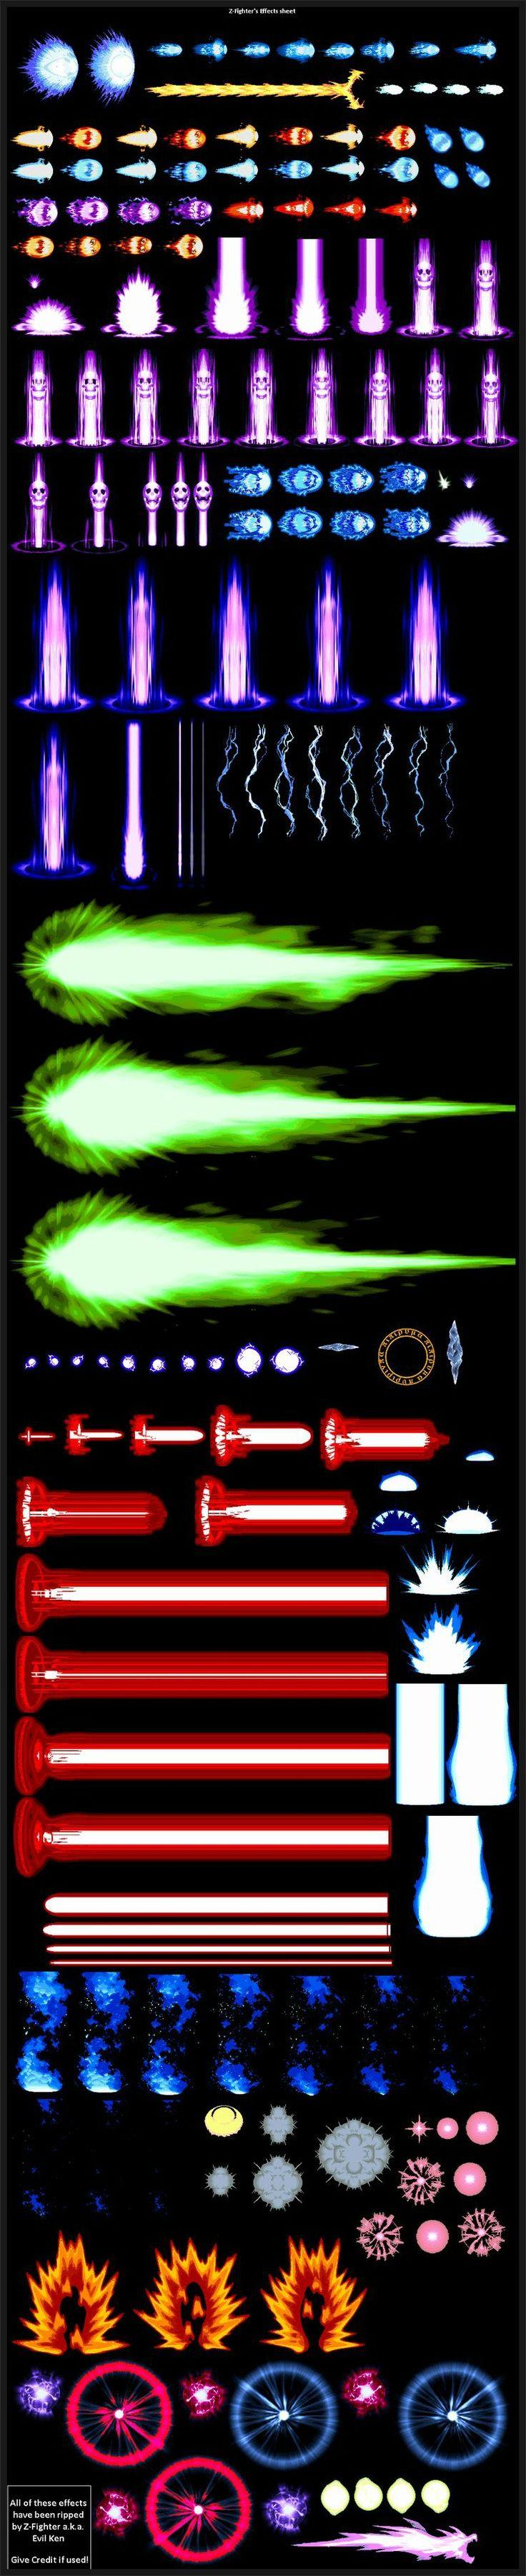 ▶친절한효자손의 취미생활◀ :: [게임이펙트 이미지 모음] 화려한 그래픽의 Game Effect 이미지모음